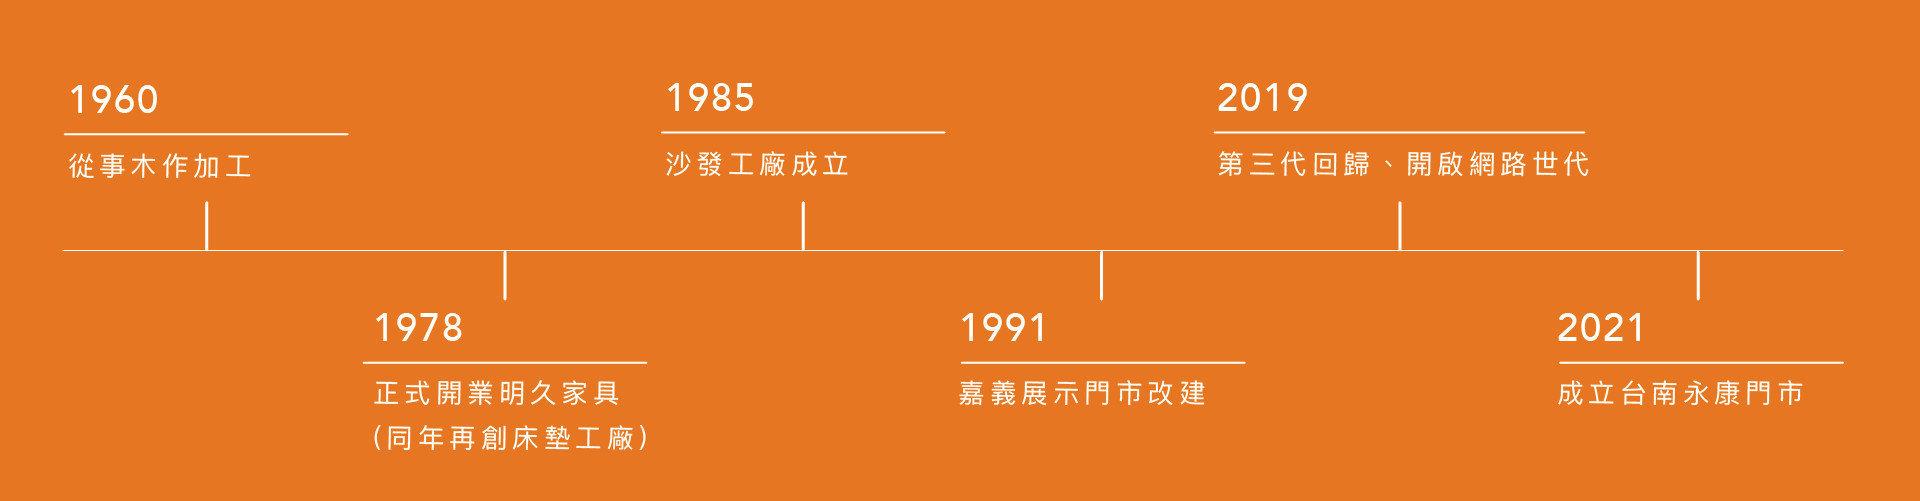 明久家具品牌歷史沿革,自1978年起成立於嘉義民雄,並於2021年開出全台首間分店:【明久台南店】